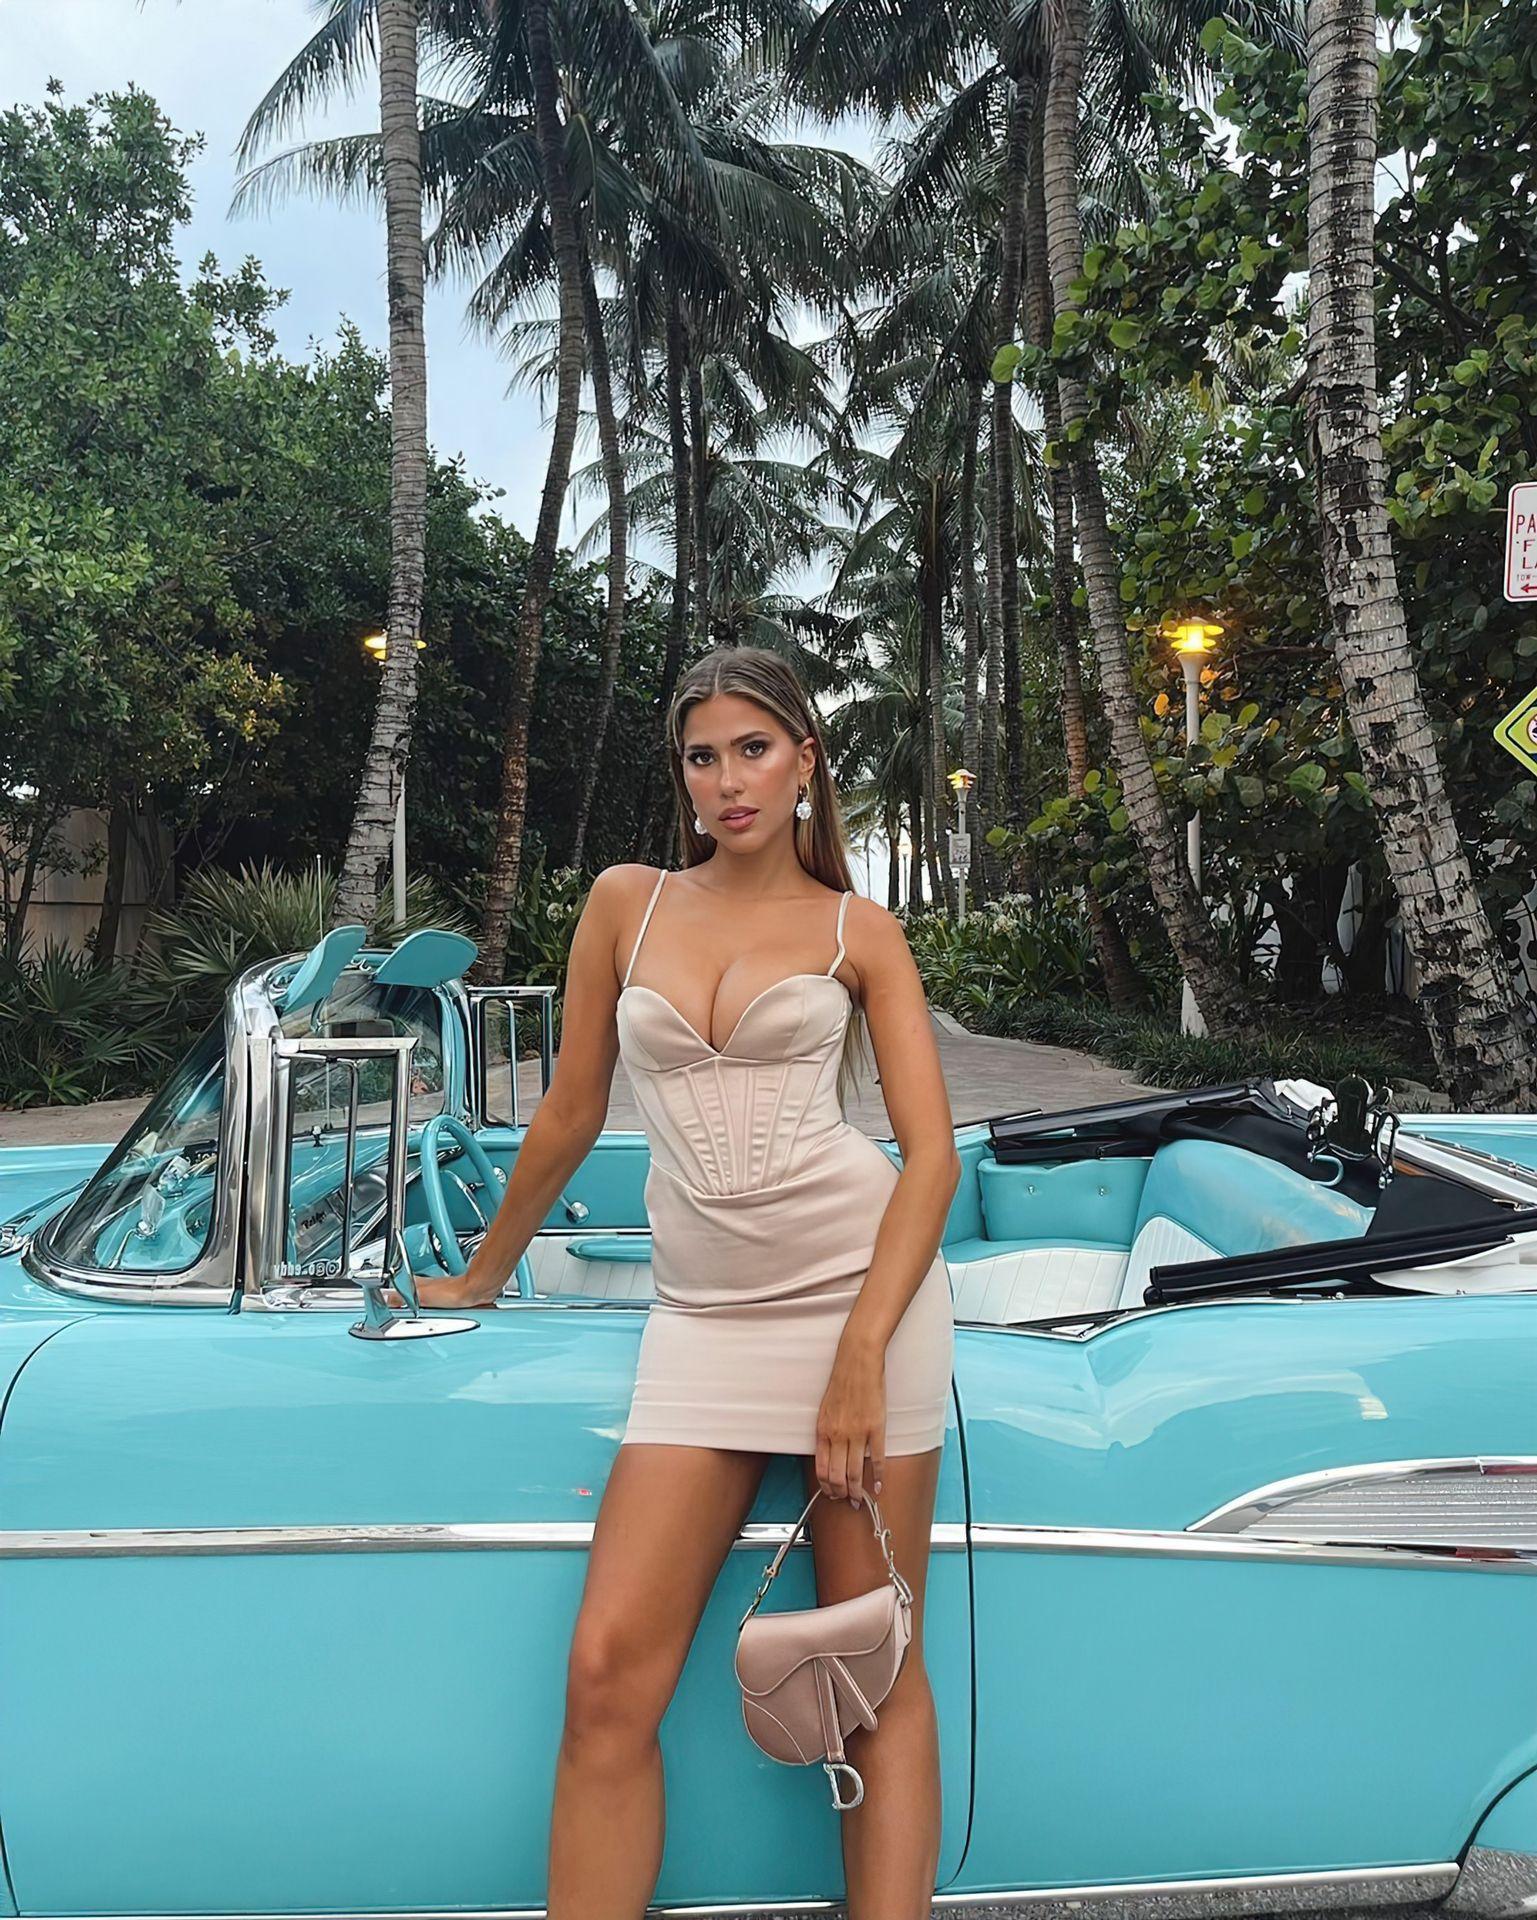 Kara-Del-Toro-Gorgeous-Boobs-6thefappeningblog.com_.jpg